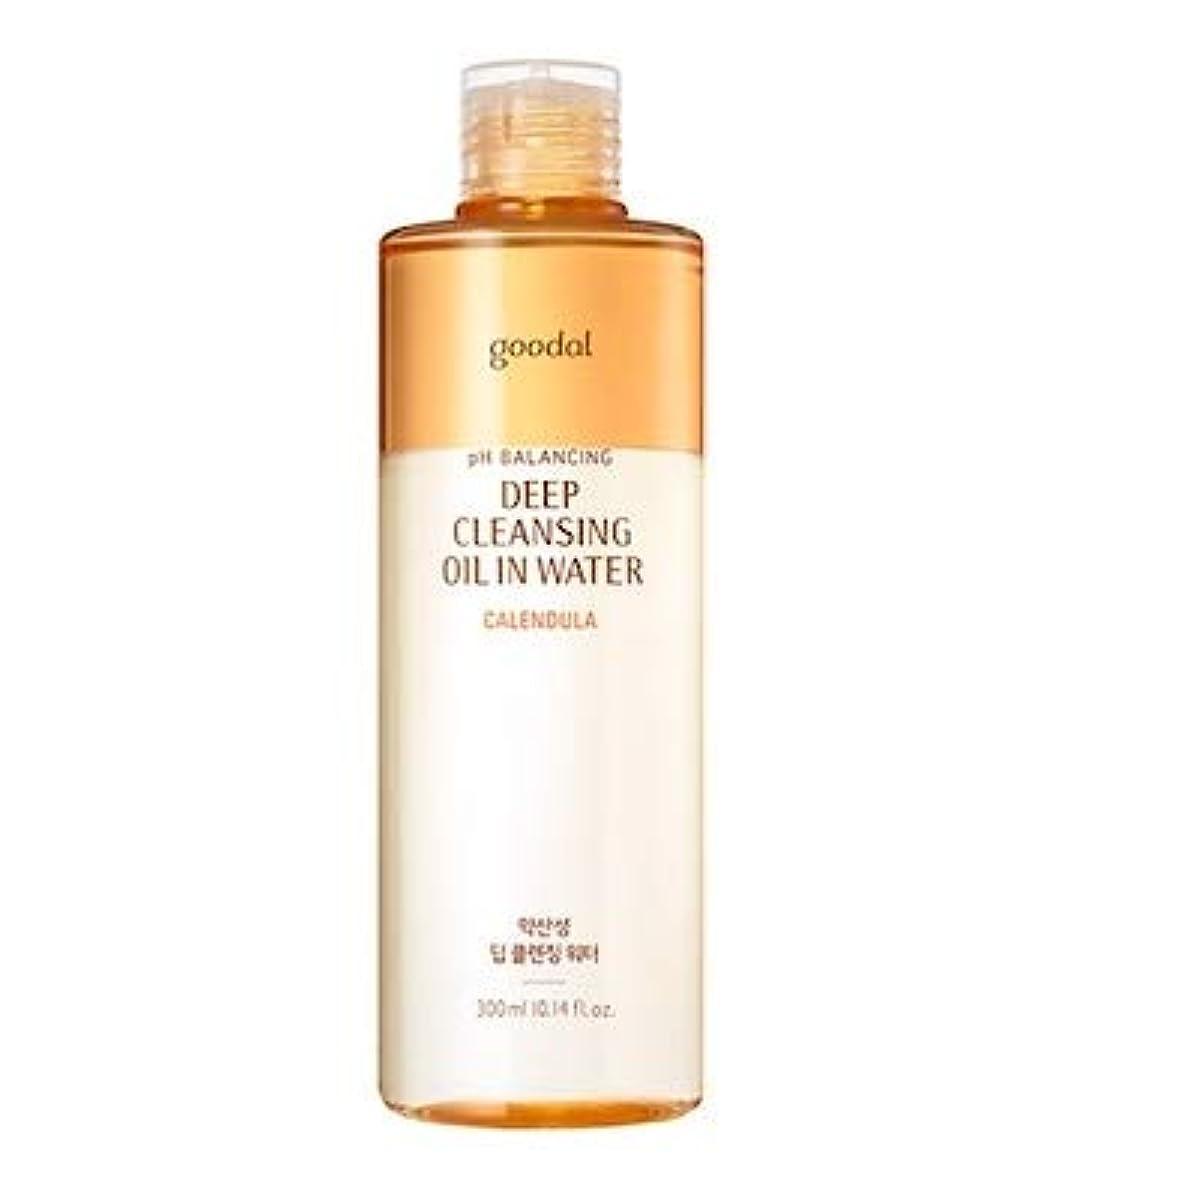 アクセントフォーマル雄大なGoodal Calendula pH Balancing Deep Cleansing Oil In Water グーダル カレンデュラ 弱酸性 ディープ クレンジング オイル イン ウォーター 300ml [並行輸入品]